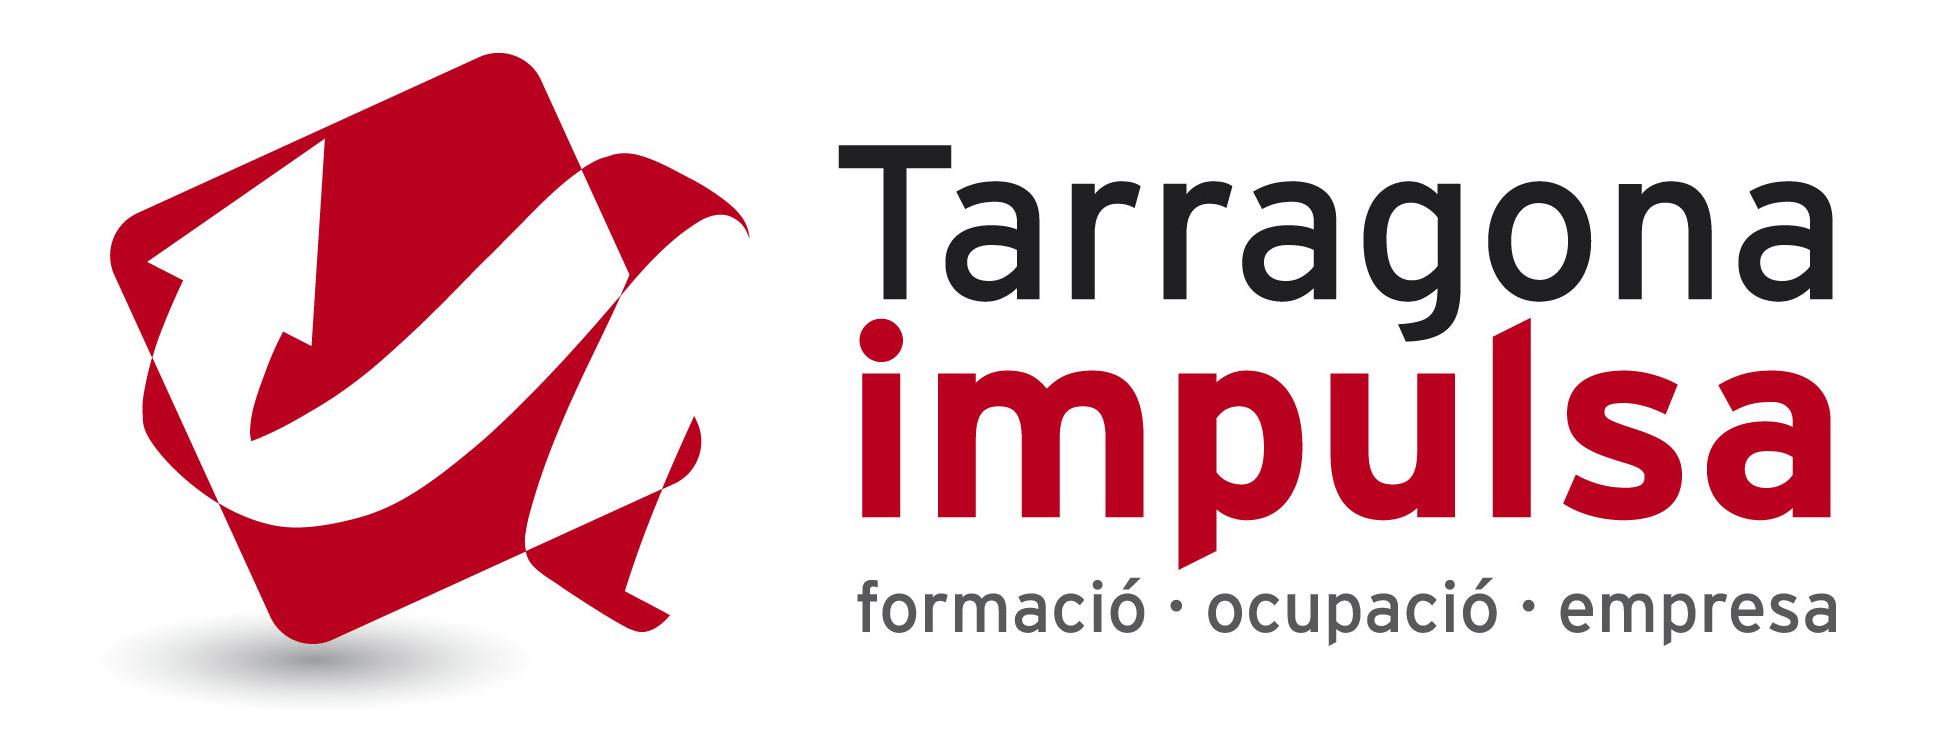 Logo Tarragona Impulsa